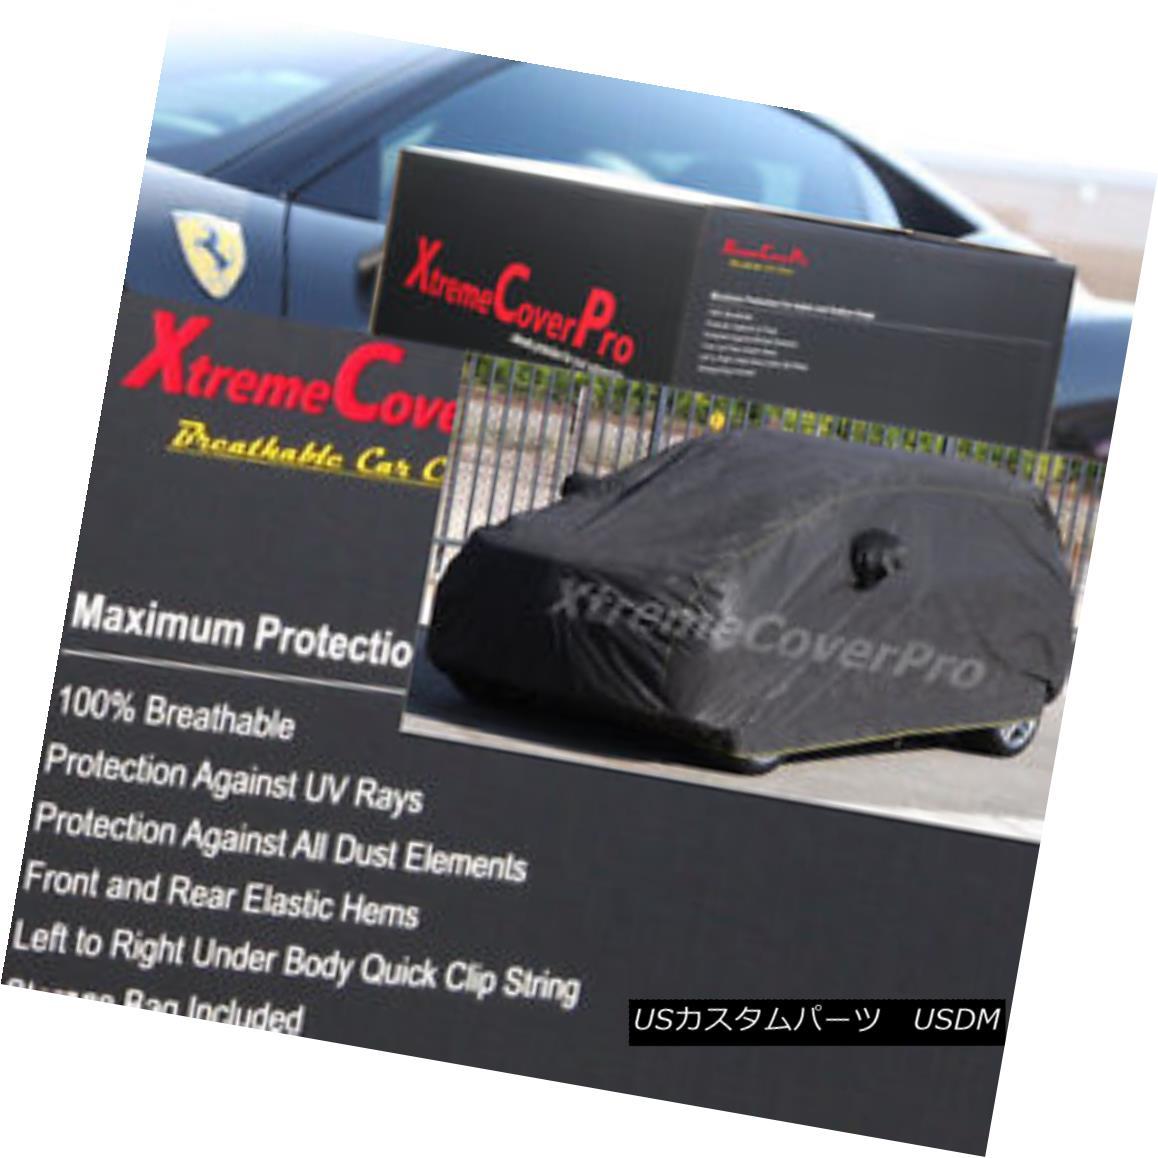 カーカバー 2015 VOLVO XC70 Breathable Car Cover w/Mirror Pockets - Black 2015 VOLVO XC70通気性車カバー、ミラーポケット付き - ブラック